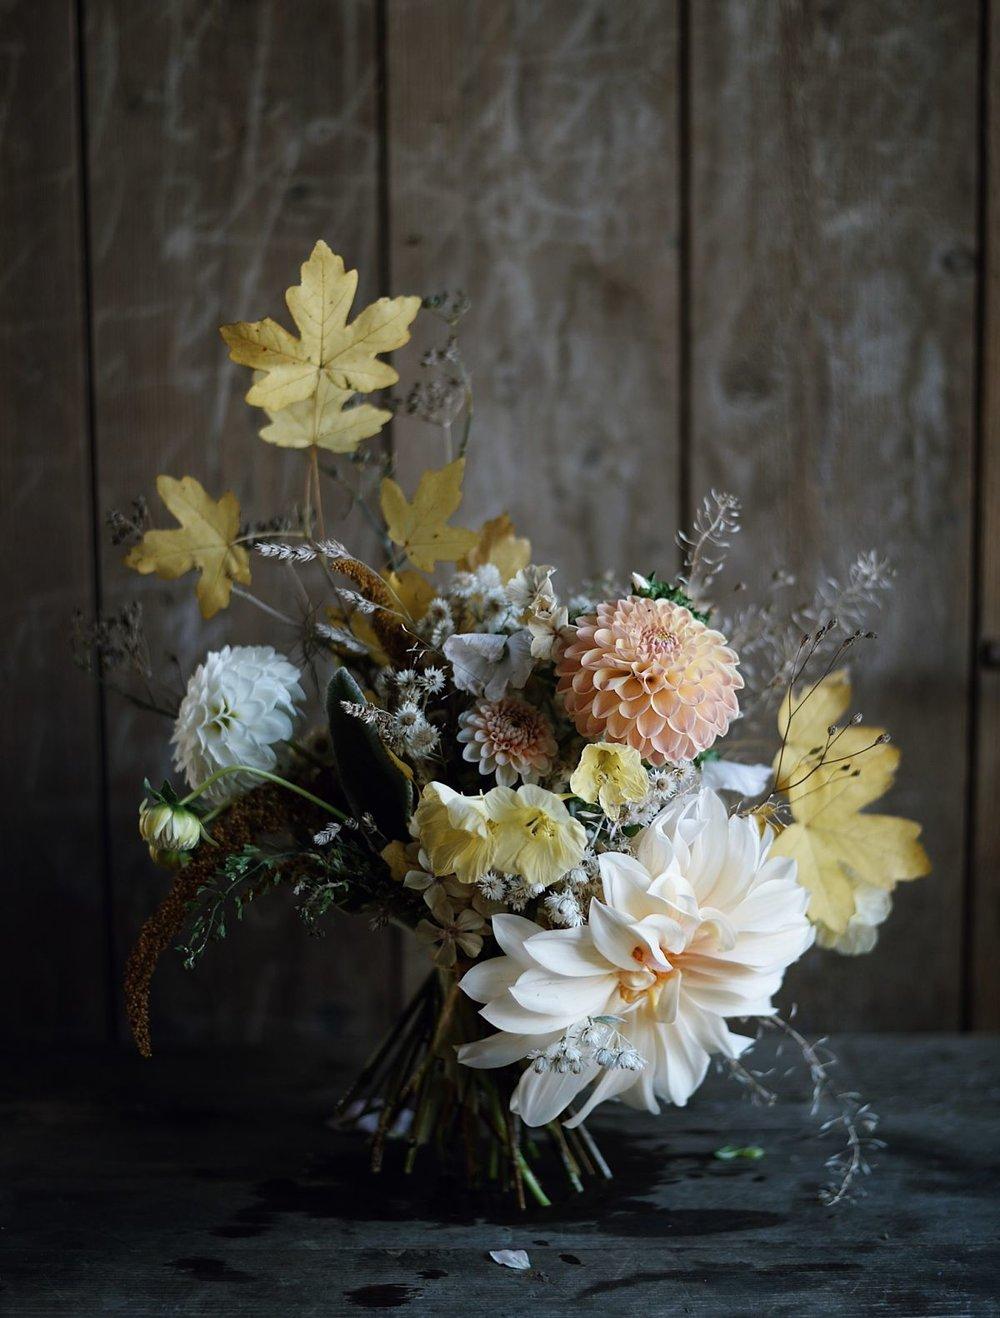 iko_flowers_osnabrück_opt_home_1.jpg